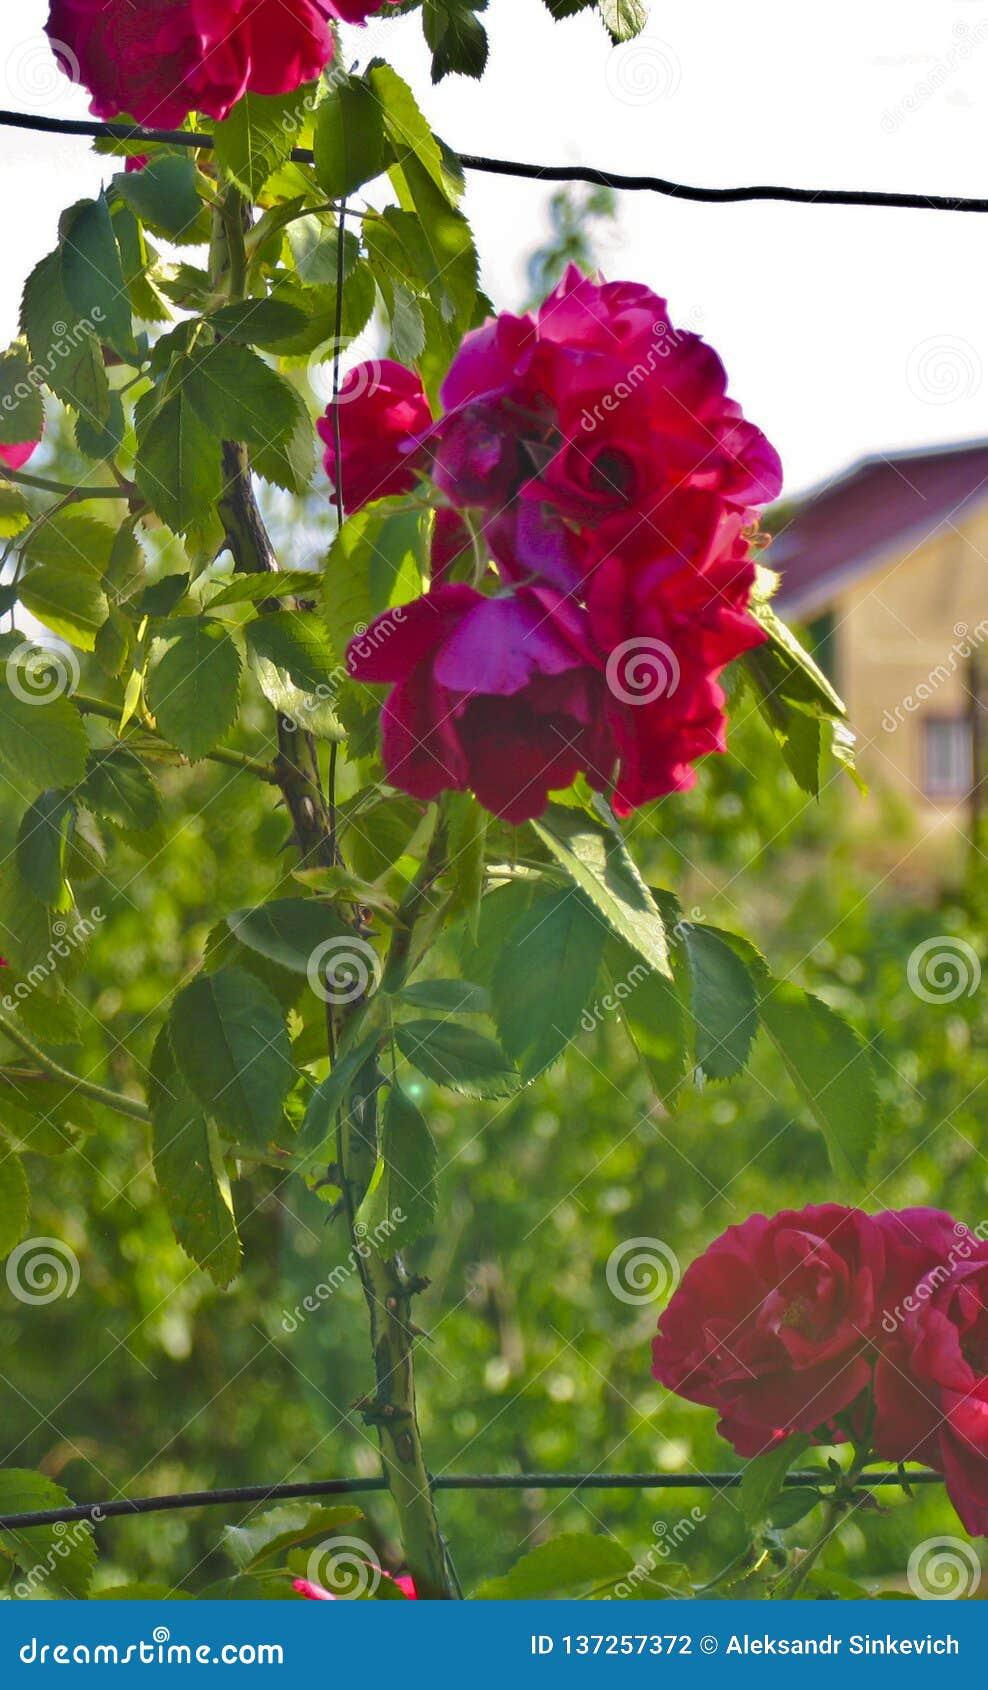 Rosa, rosa de chá, Rosa vermelha, jardim aumentou, país aumentou